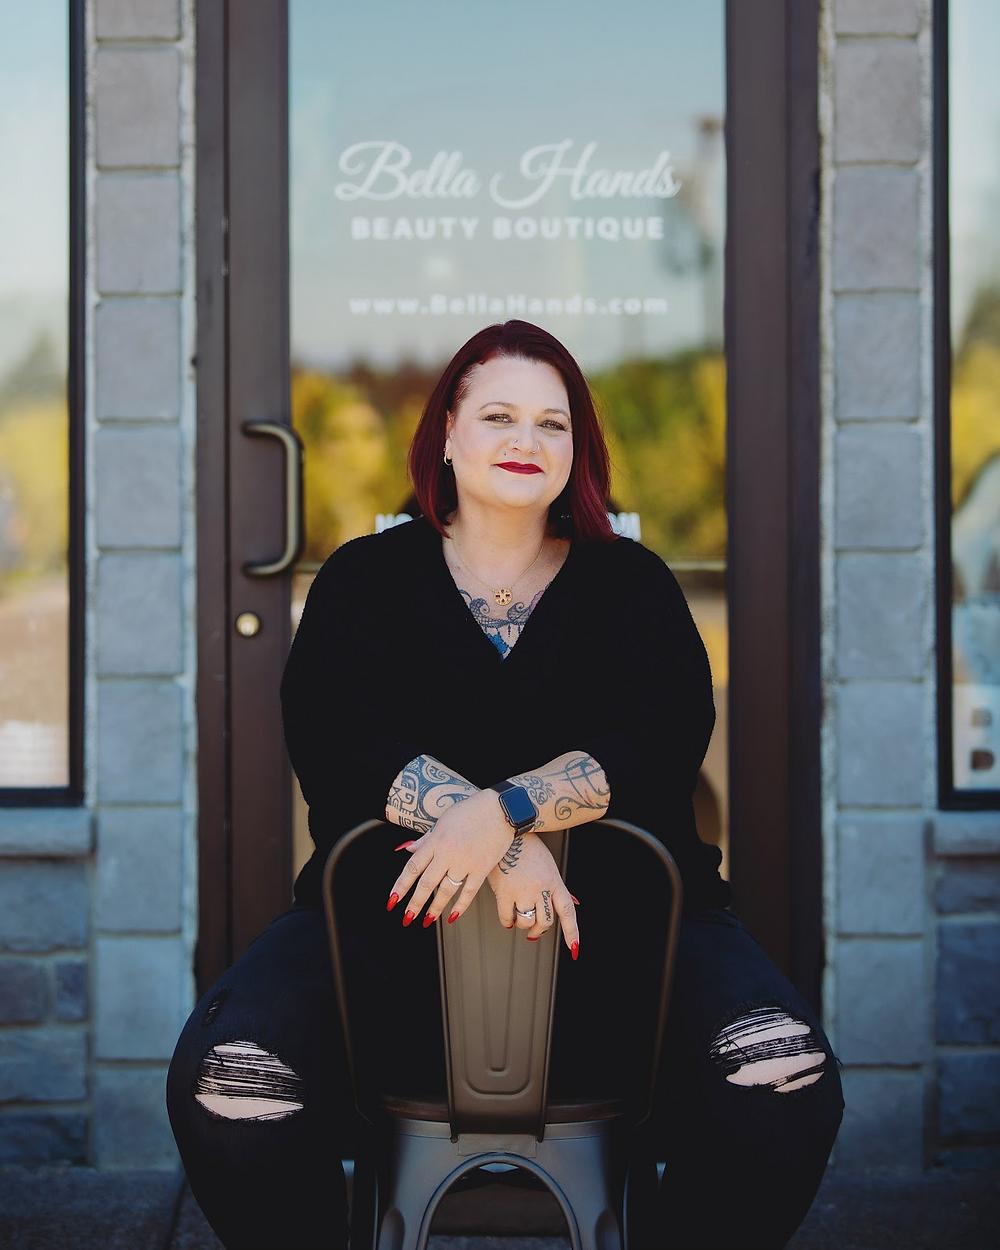 Melissa Schumann, Bella Hands Beauty Boutique